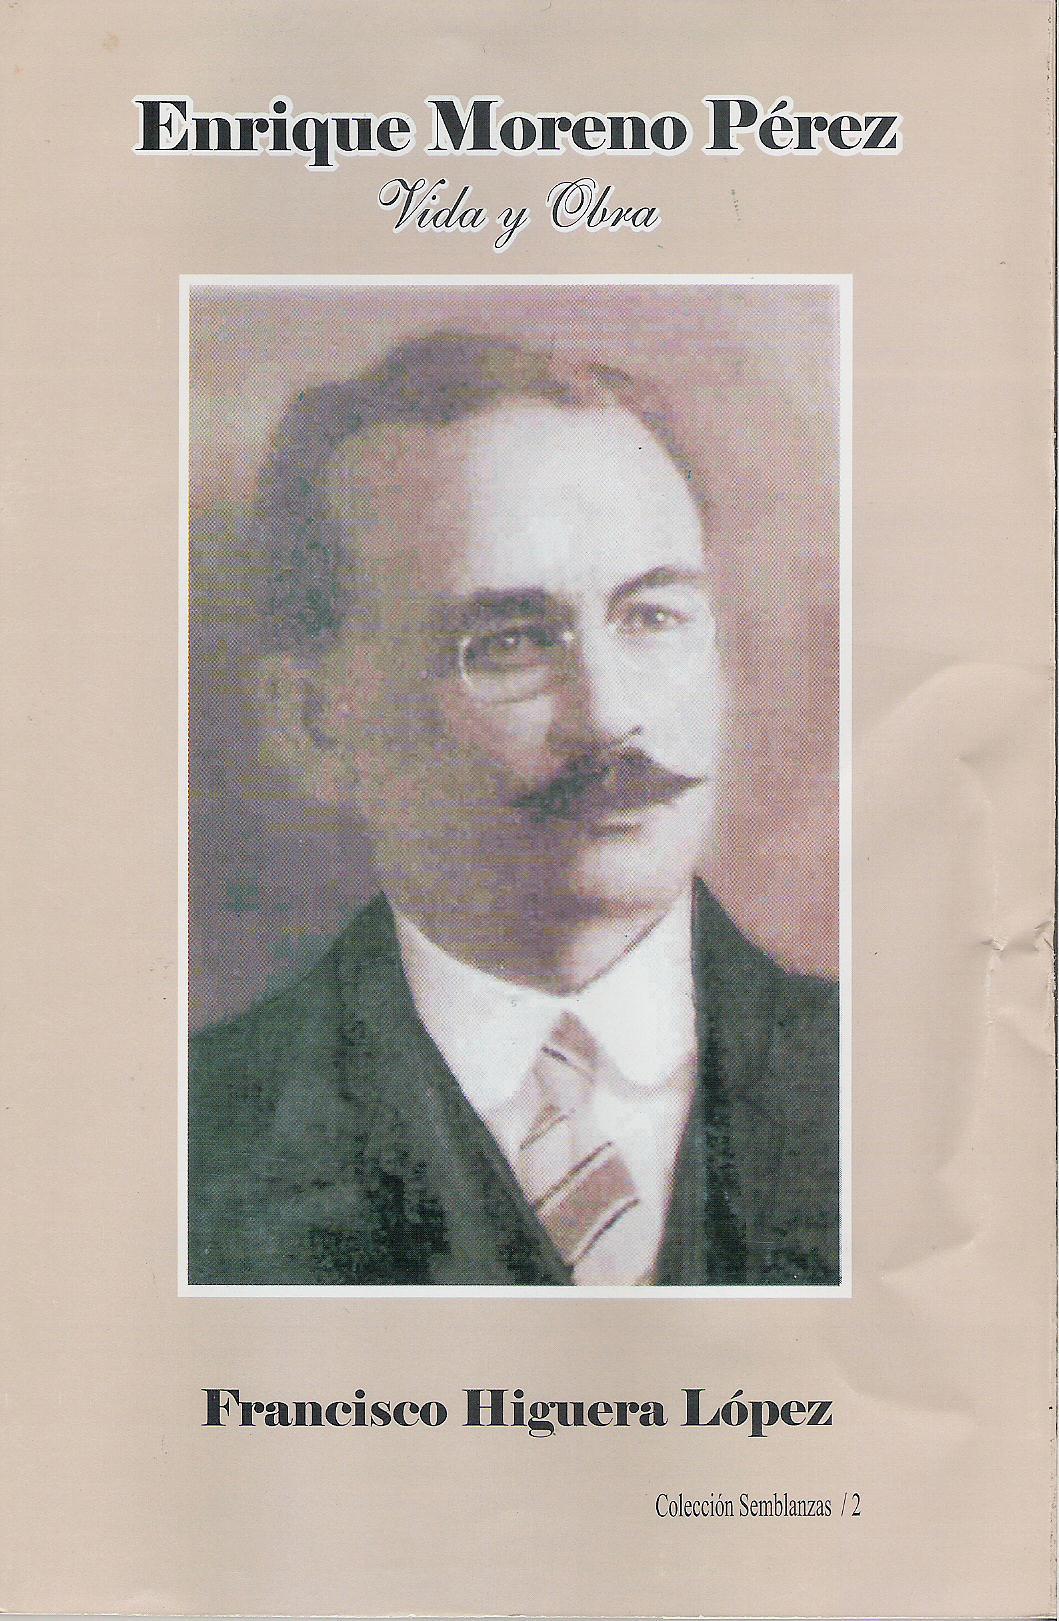 Enrique Moreno P'rez (Vida y obra)